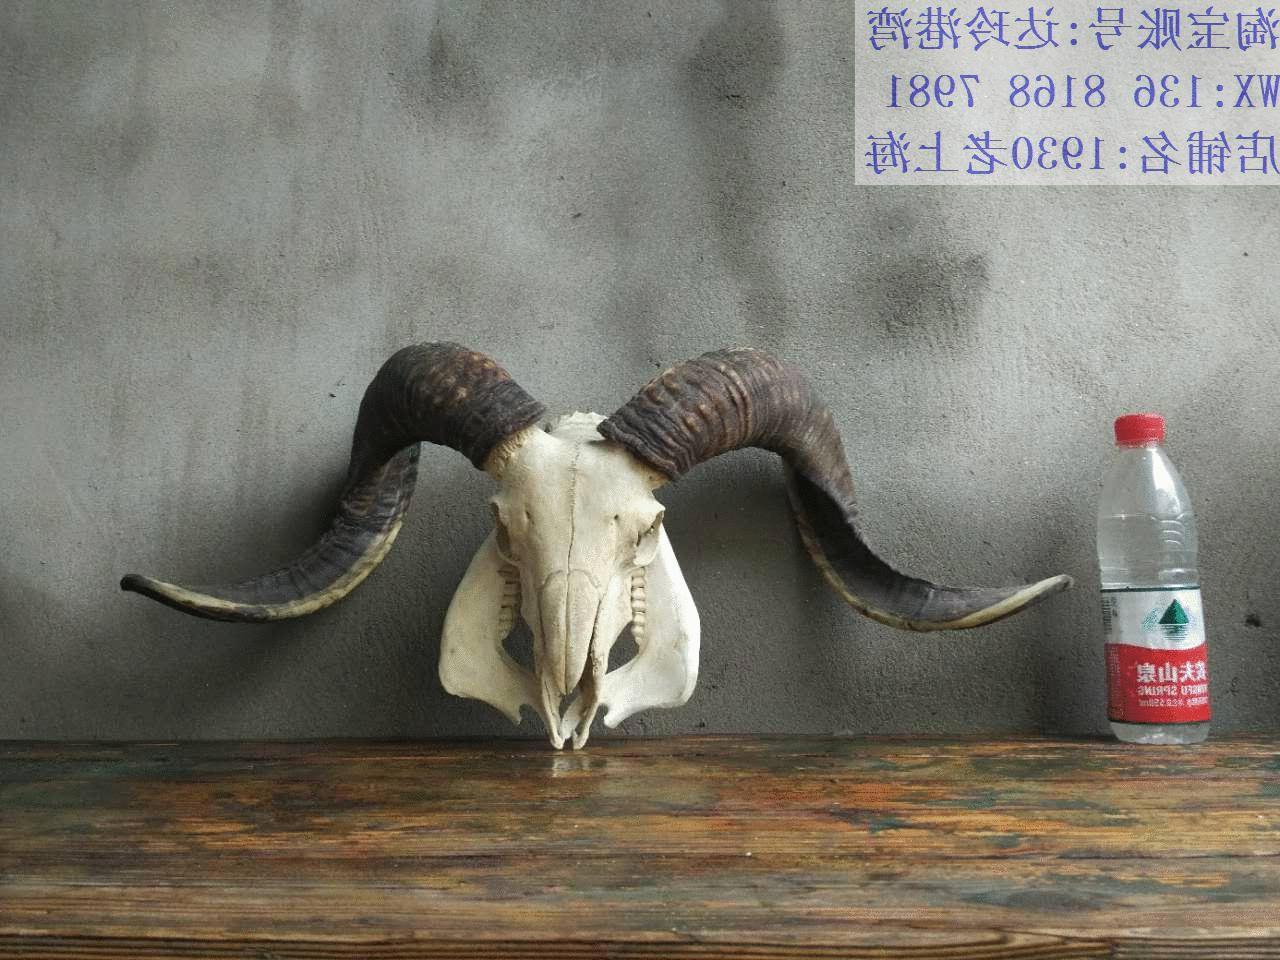 Горячей тибет площадь правда глава декоративный козел чистая овечья як тау кость тау ремесла статья комнатный декоративный корова ворота пакистан гонка